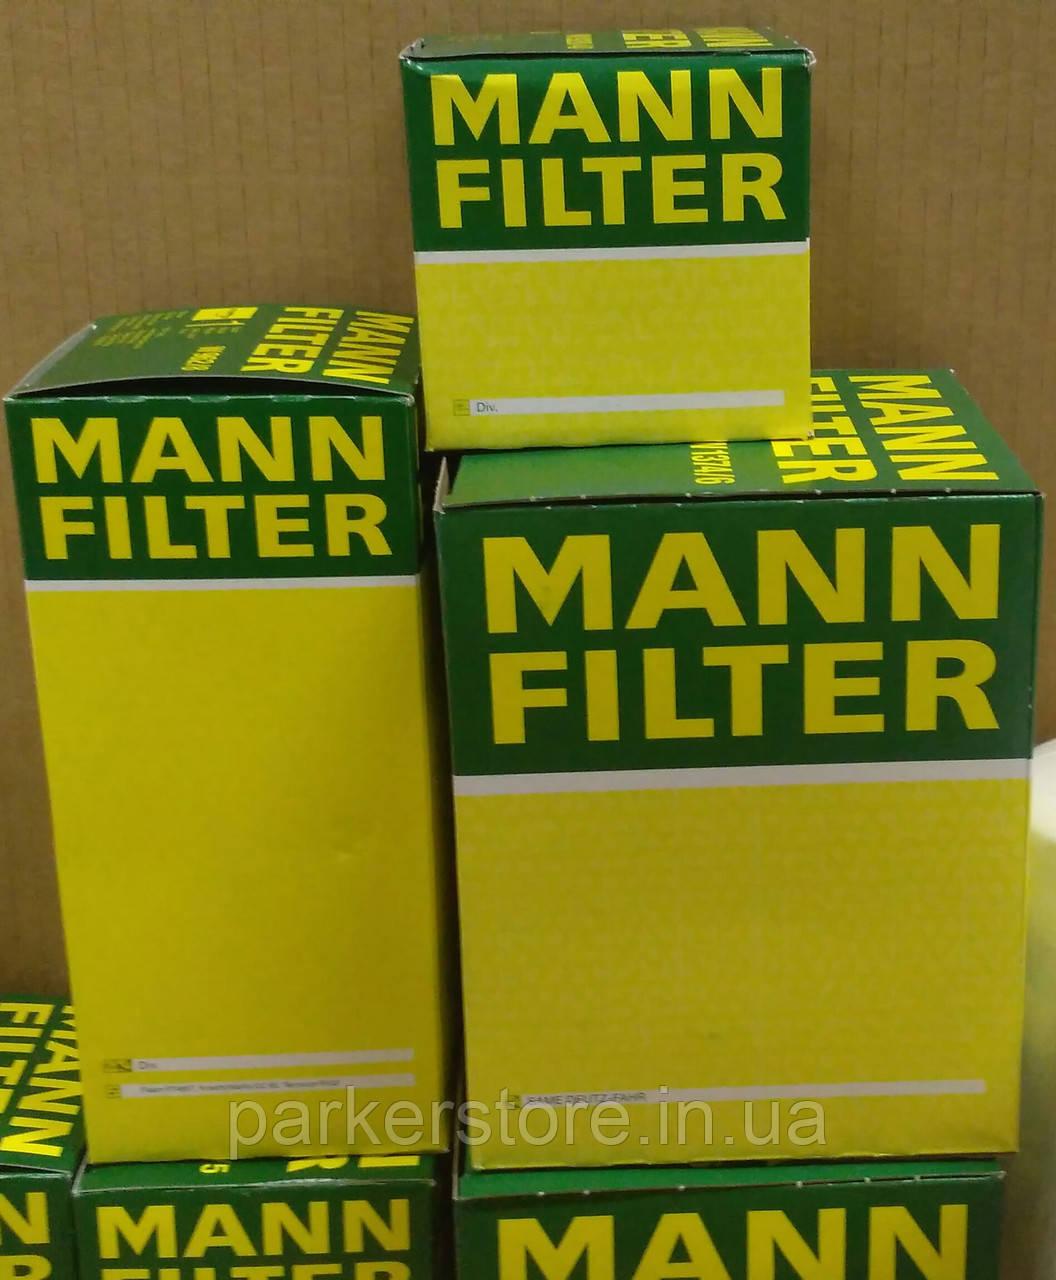 MANN FILTER / Воздушный фильтр / C 26 009-2 / C26009-2